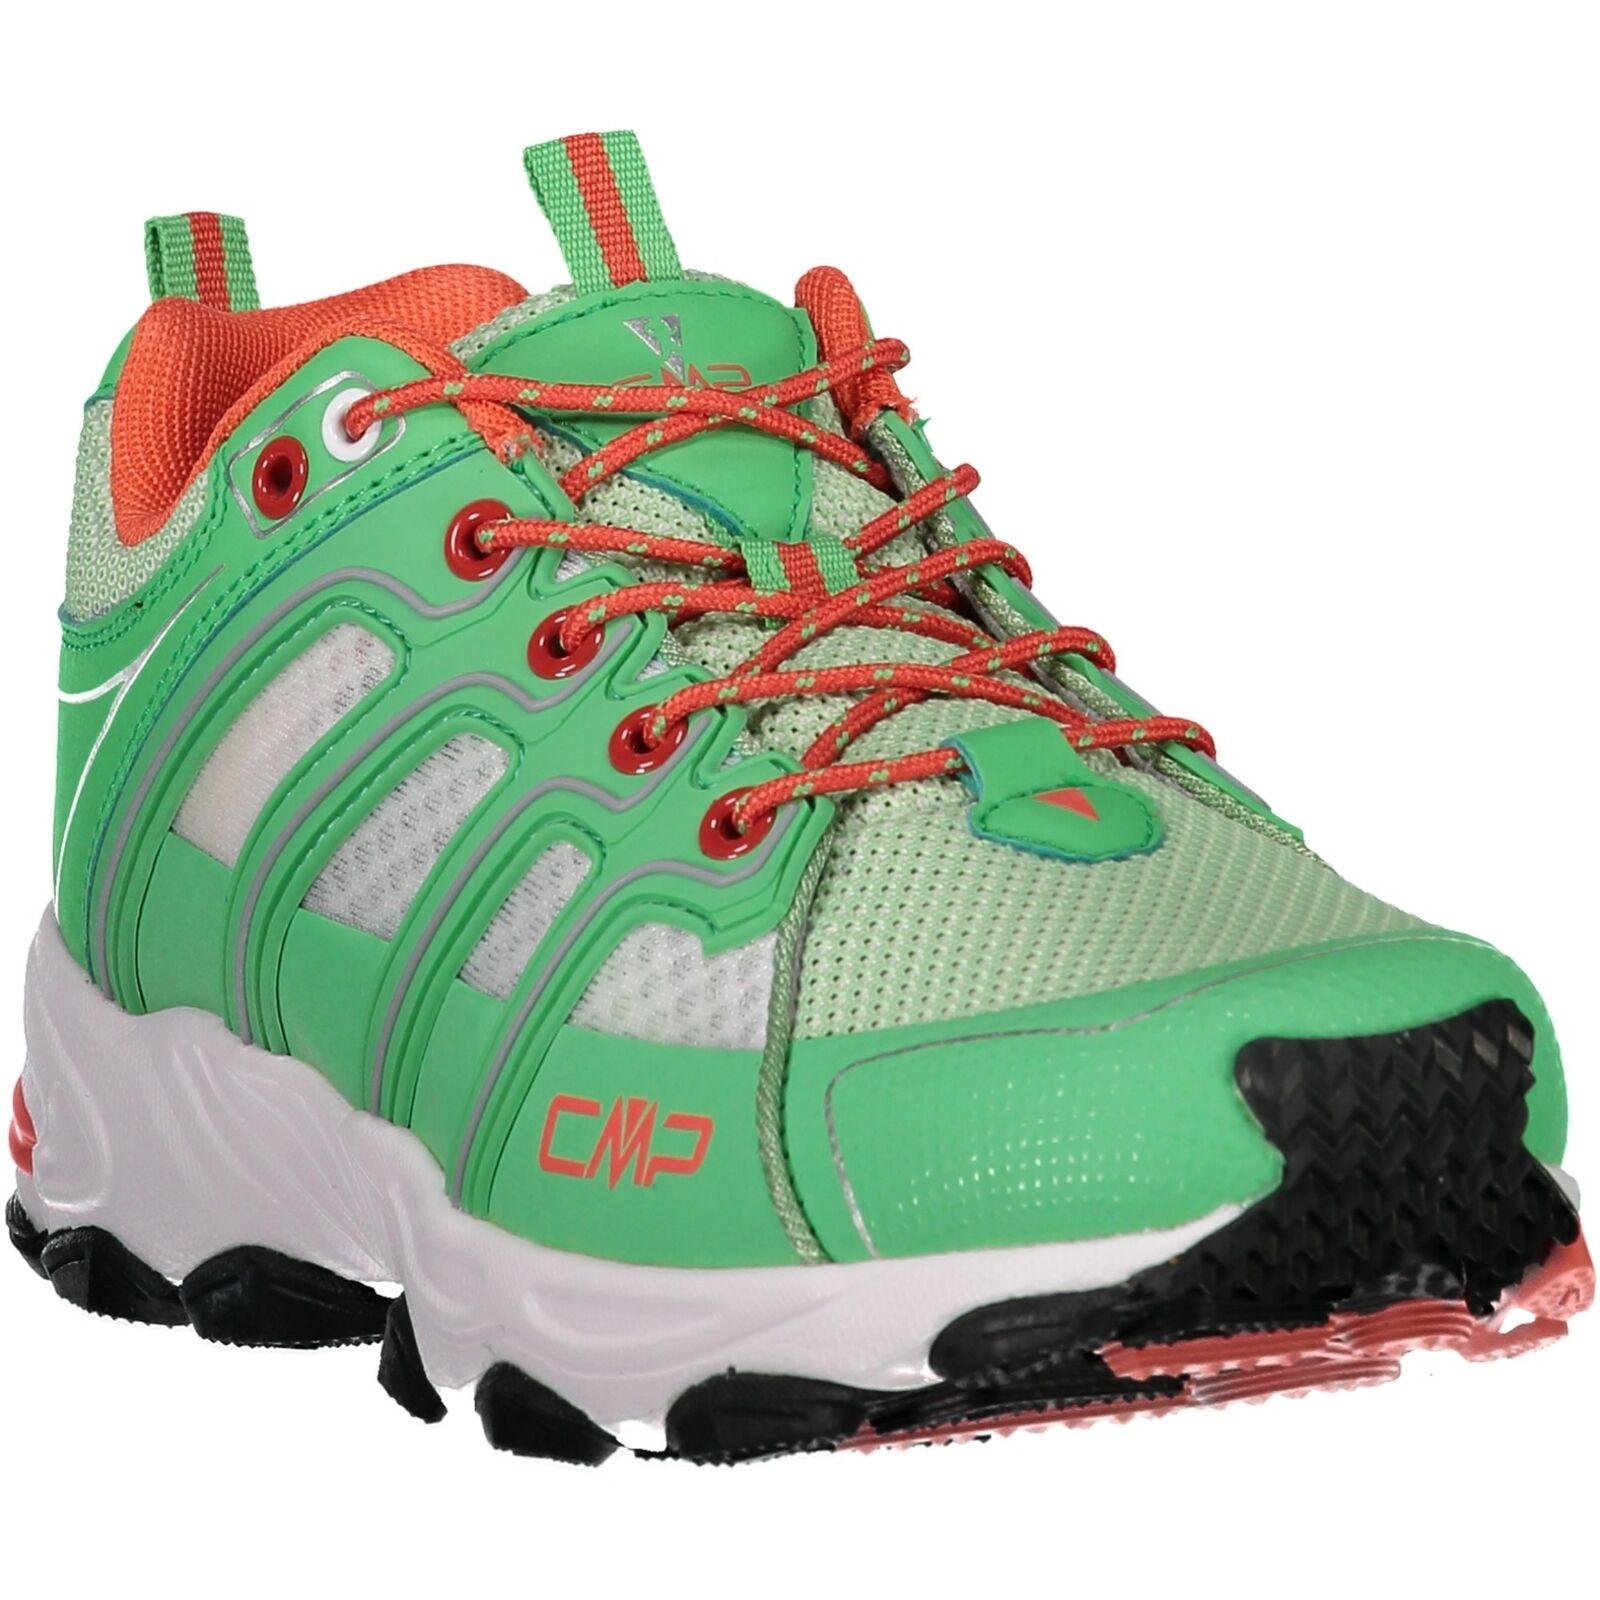 CMP FonctionneHommest chaussures Sport Agena Wmn Trail chaussures vert lumièreweight Plain mixed